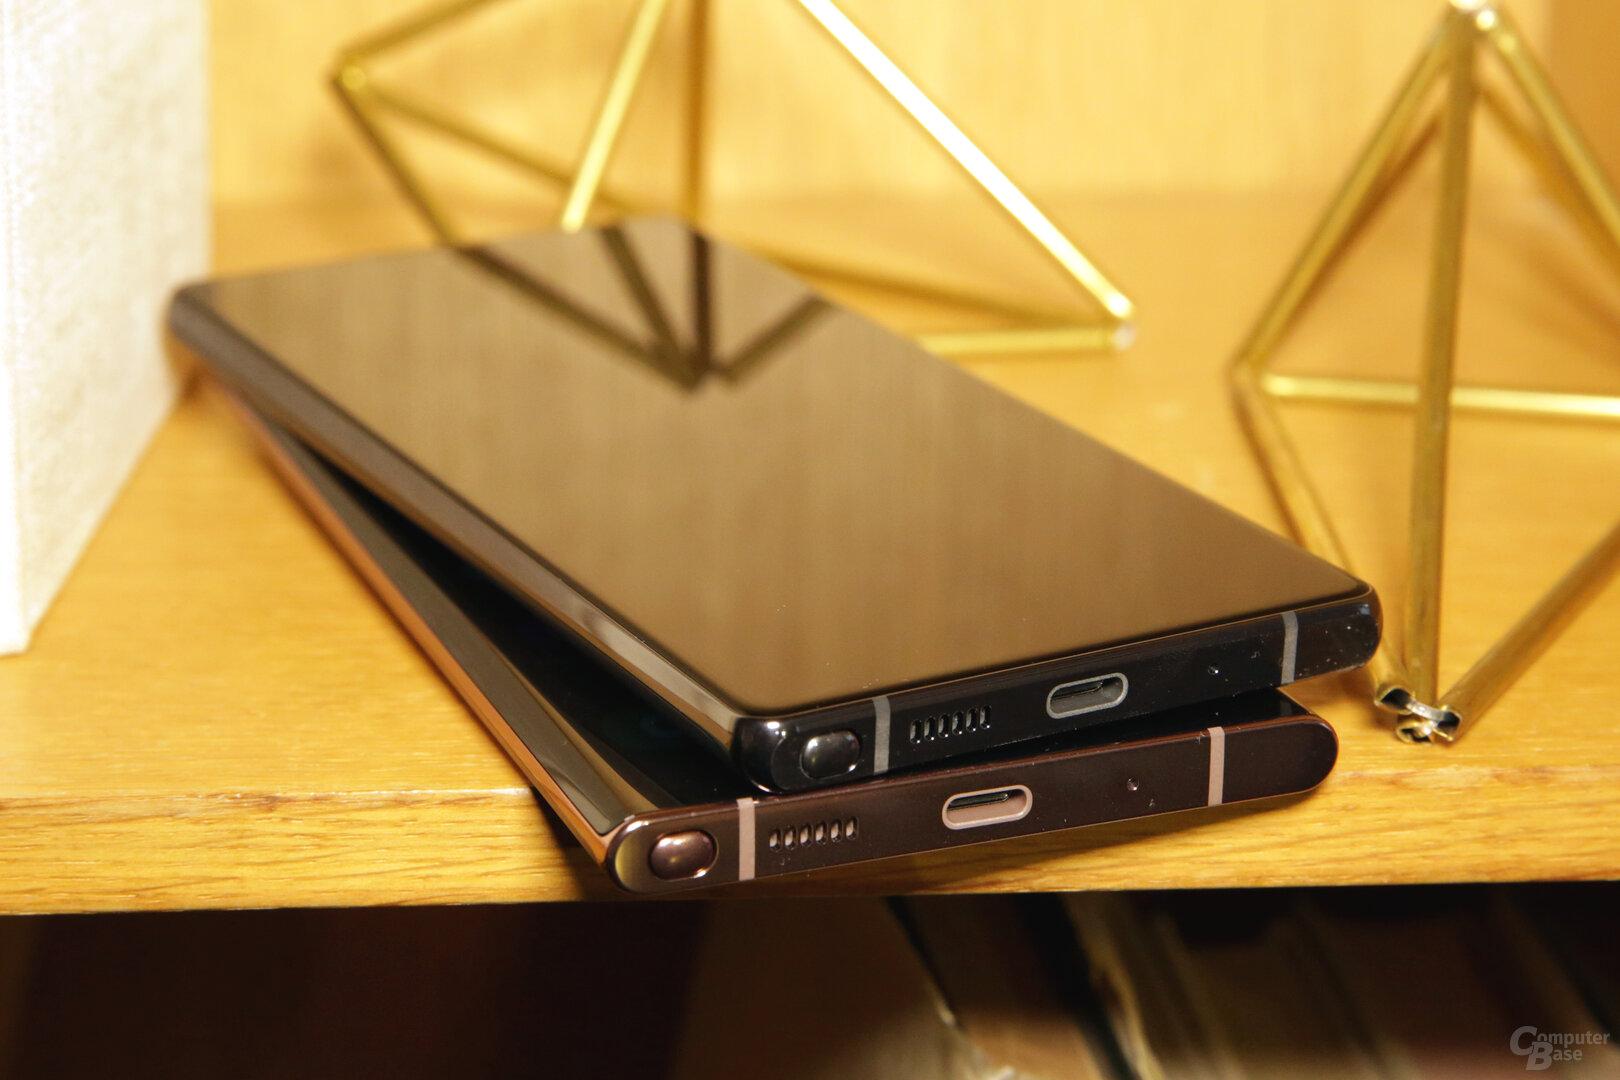 Stylus unten links statt rechts im Smartphone